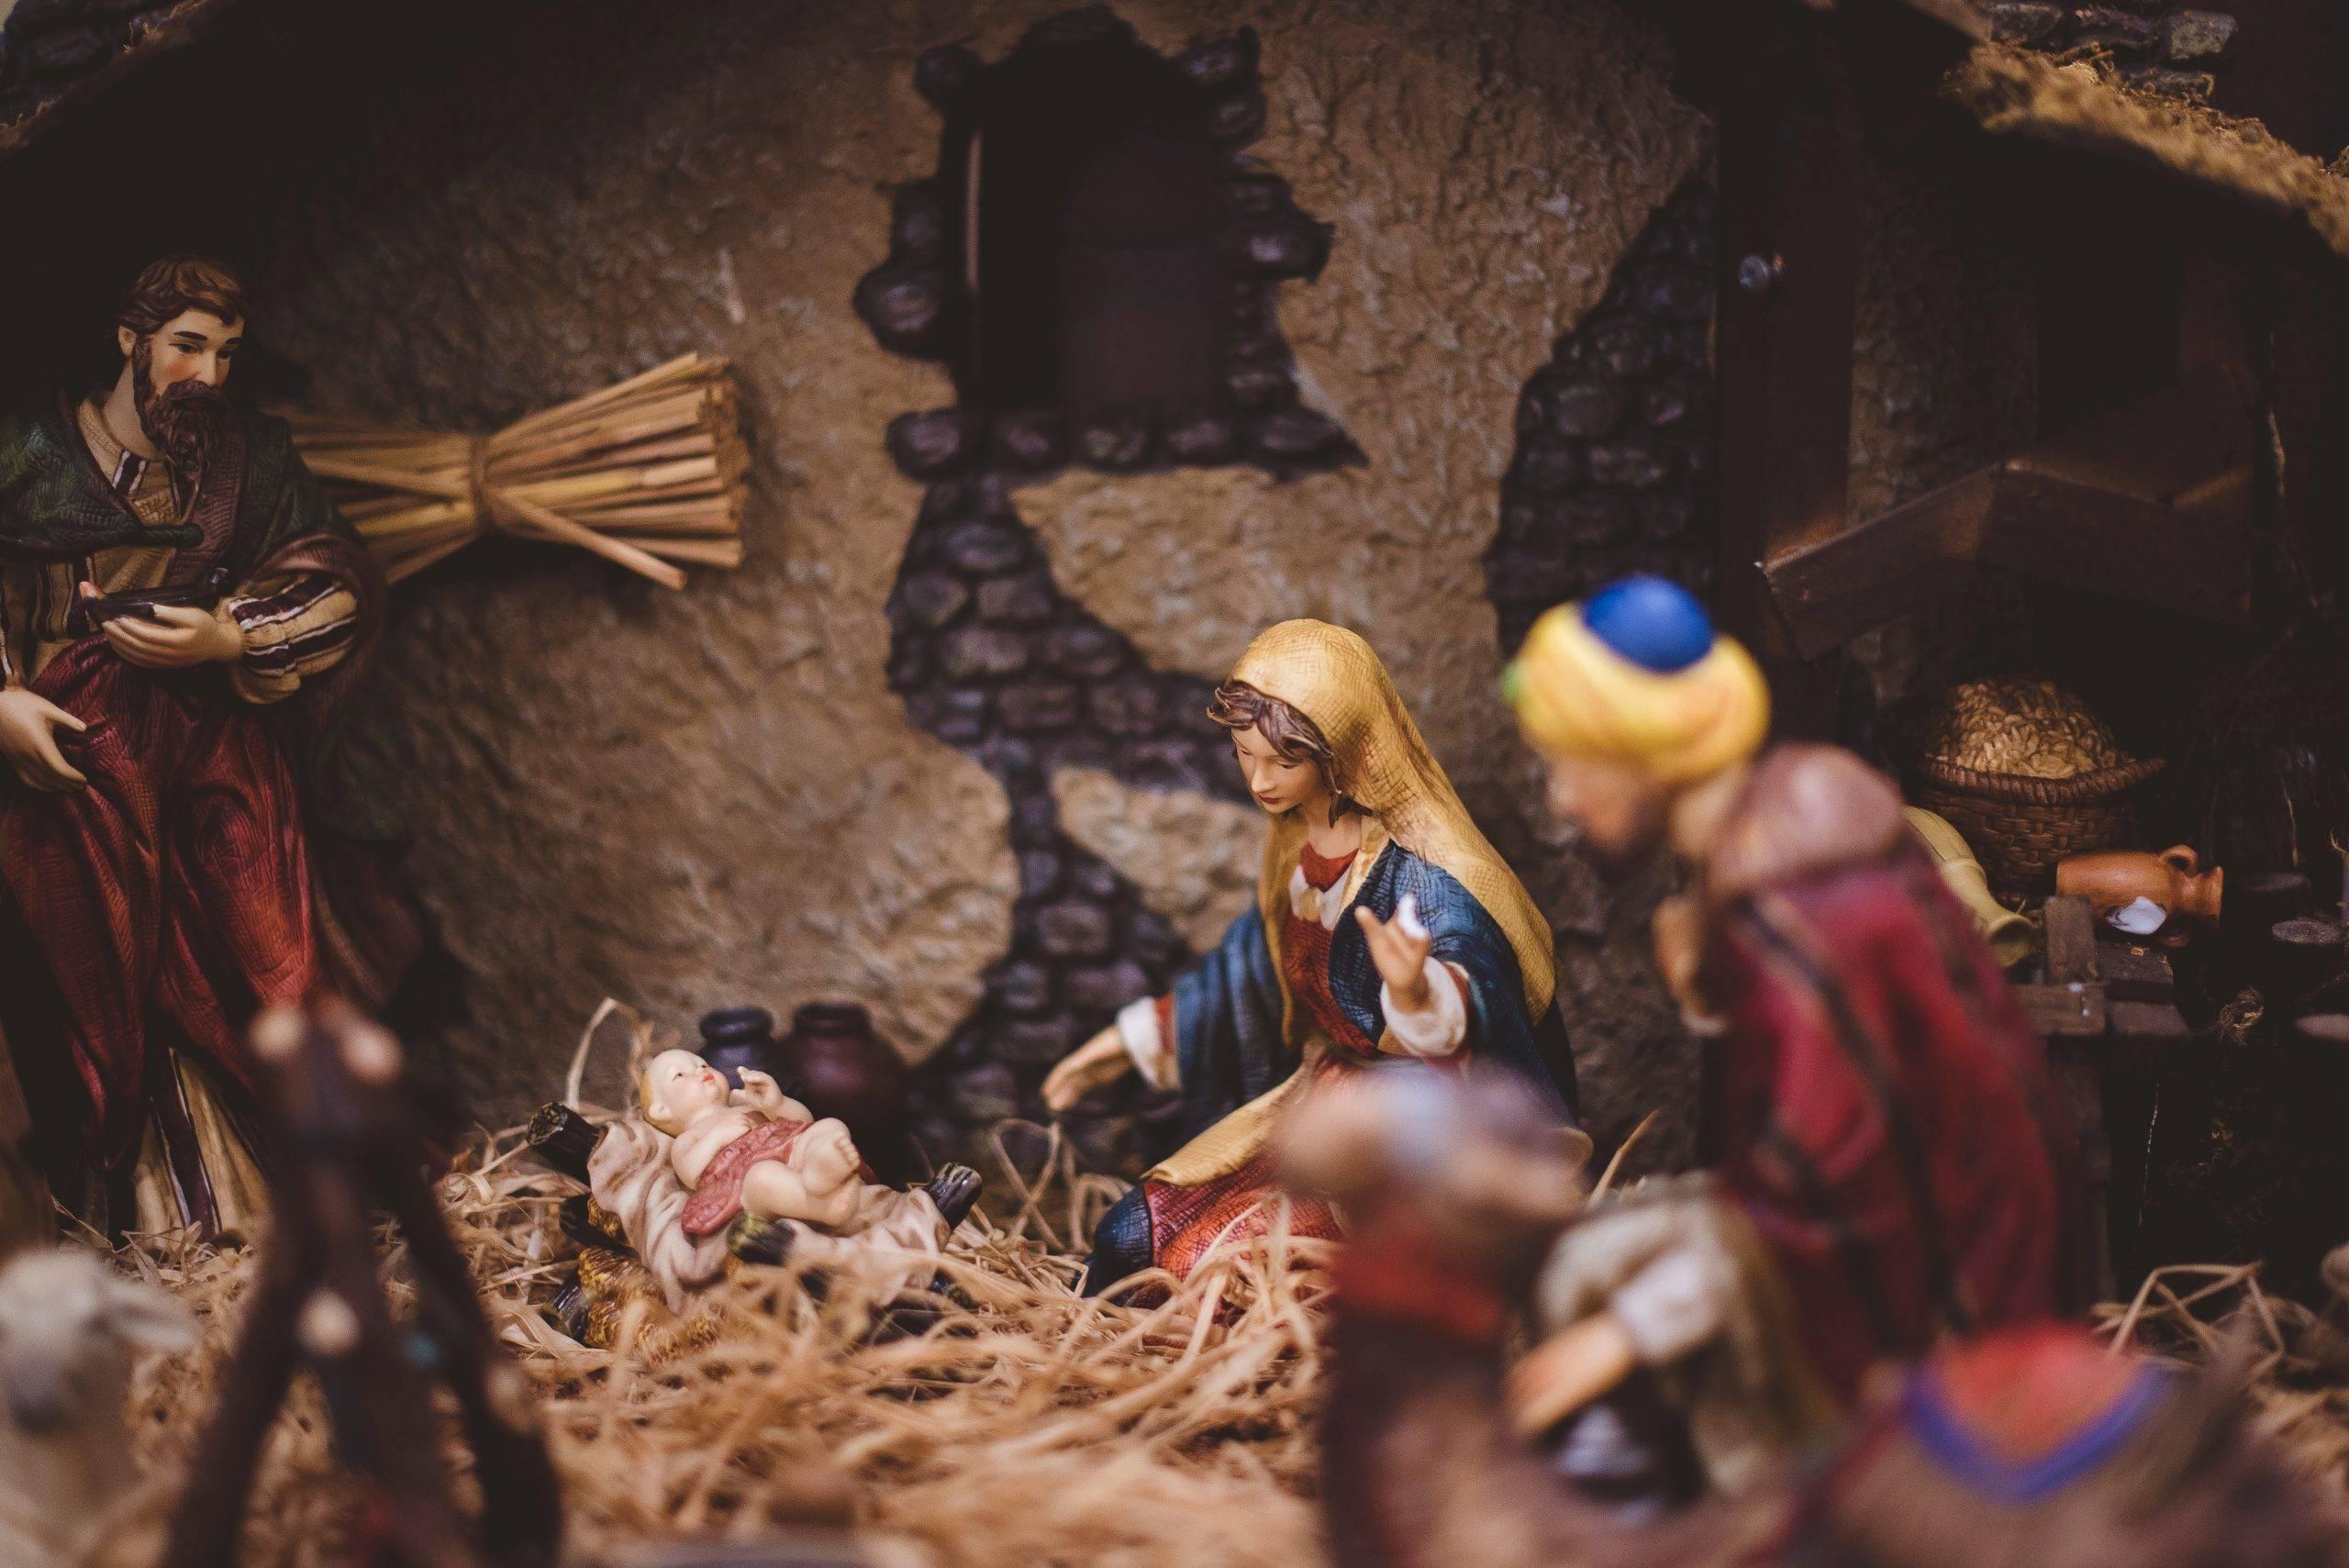 Minuni care s-au întâmplat de-a lungul timpului chiar de Crăciun